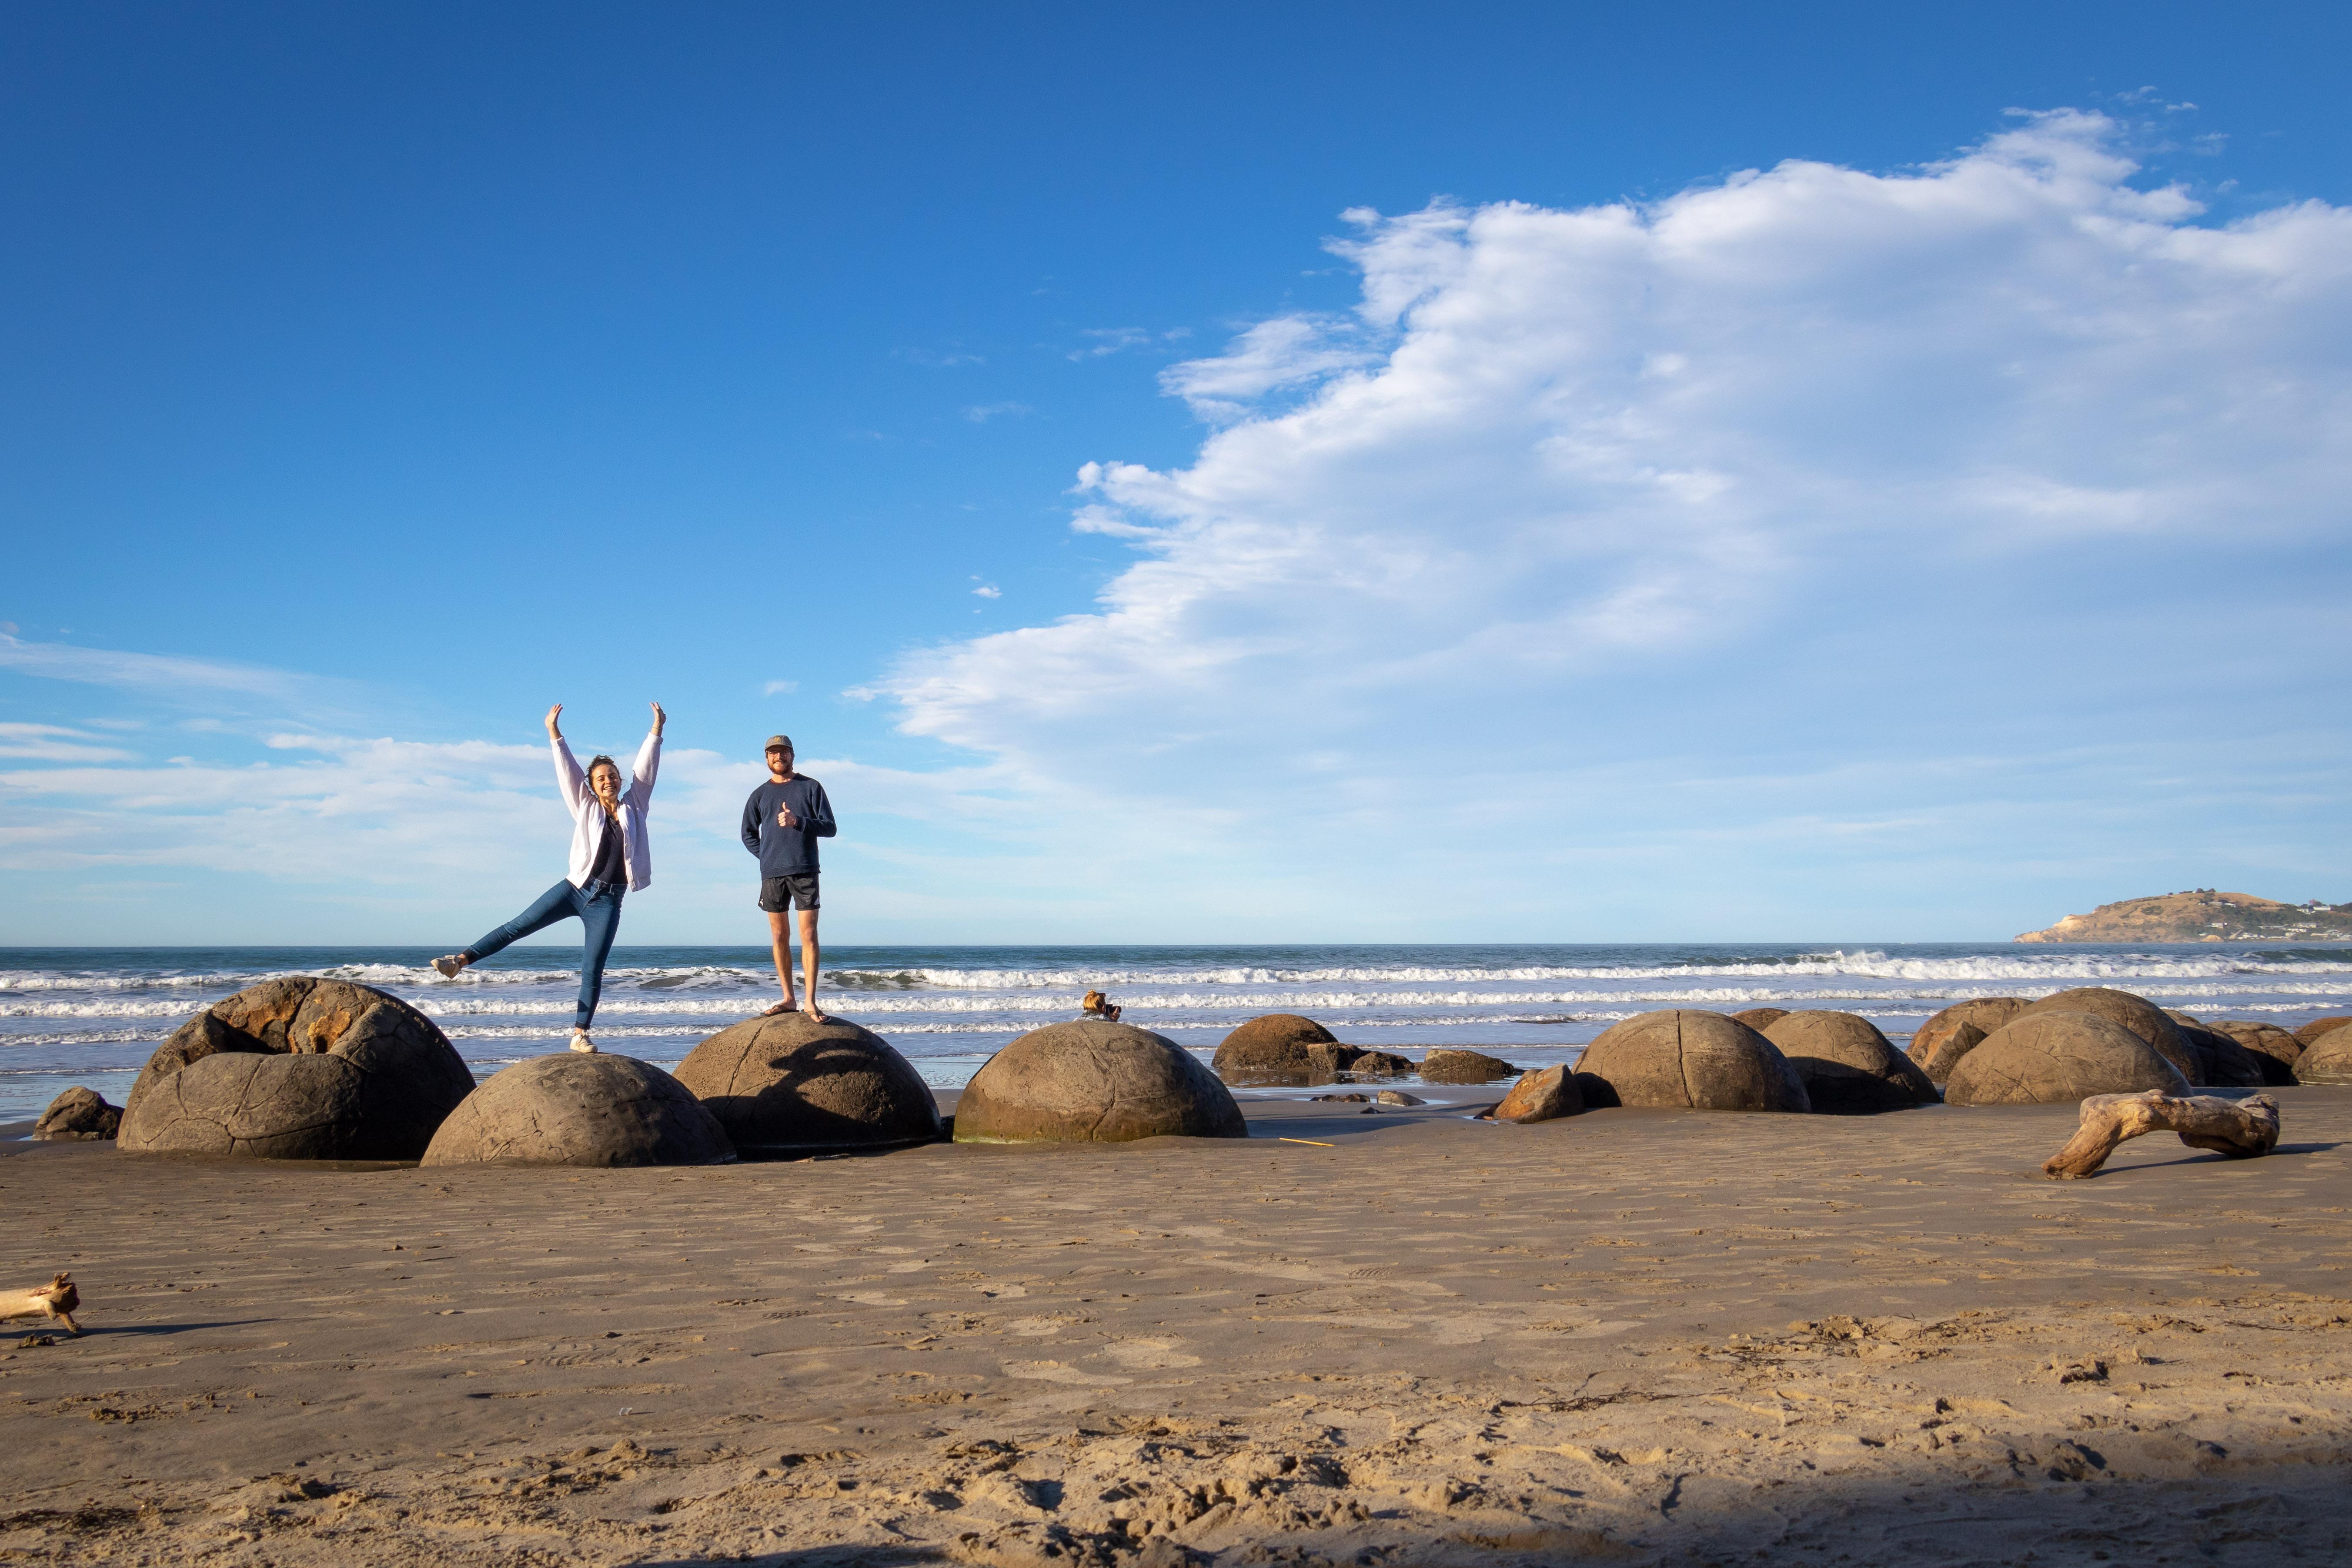 Toujours sur l'île sud de la Nouvelle-Zélande, on trouve les fameux Moeraki Boulders, des rochers sphériques.